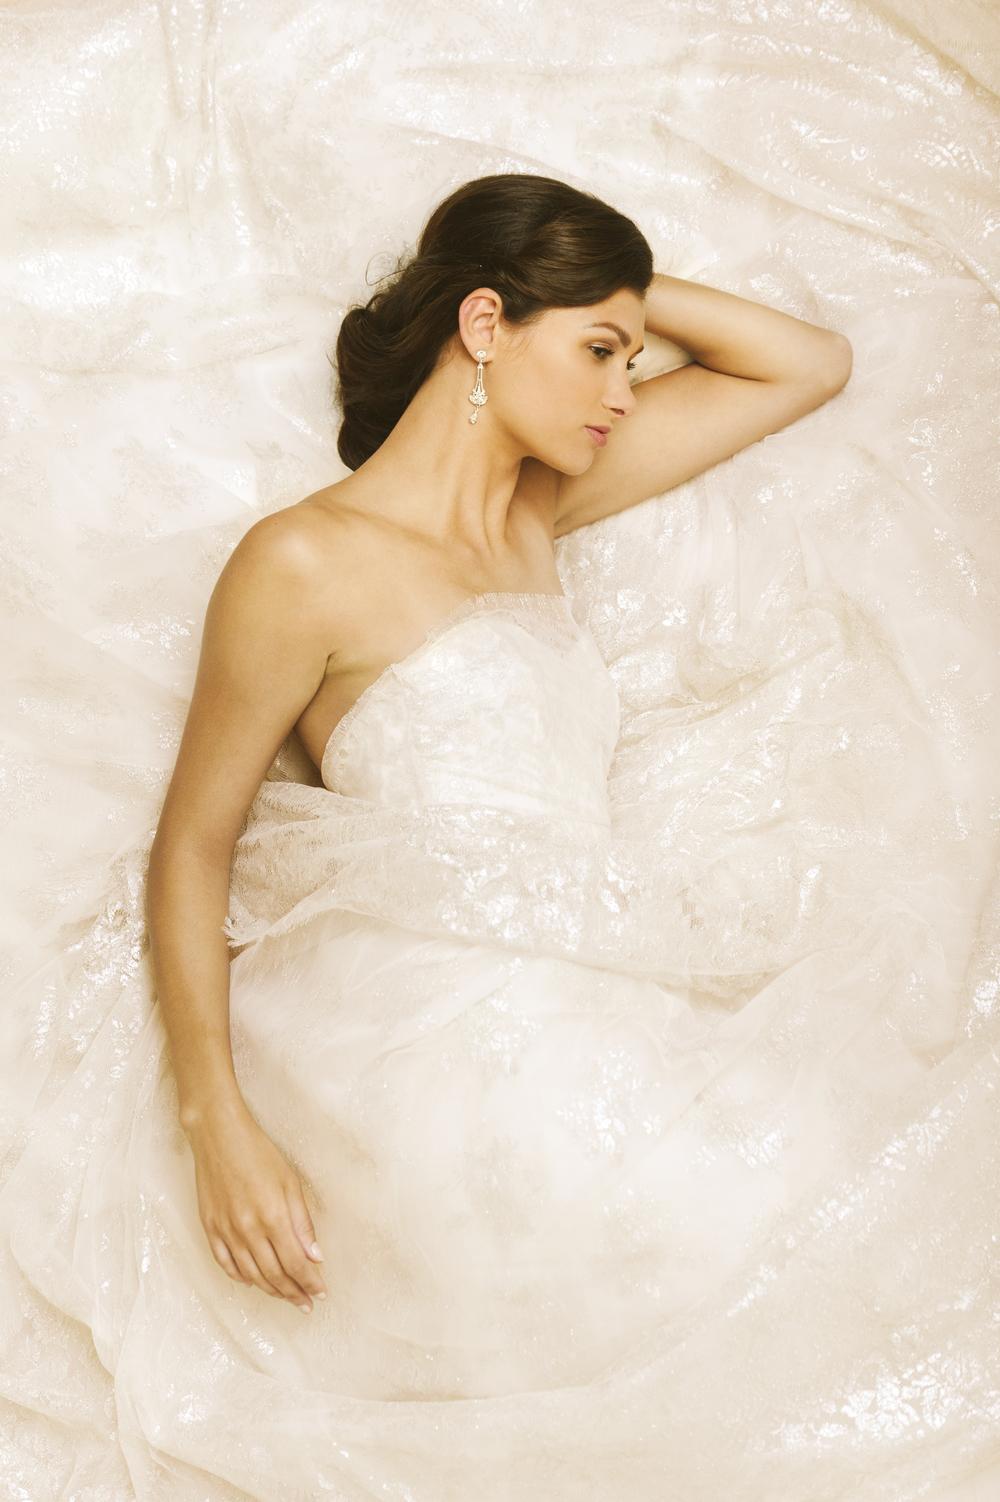 Wedding_Improper_Katie_Noble001.jpg